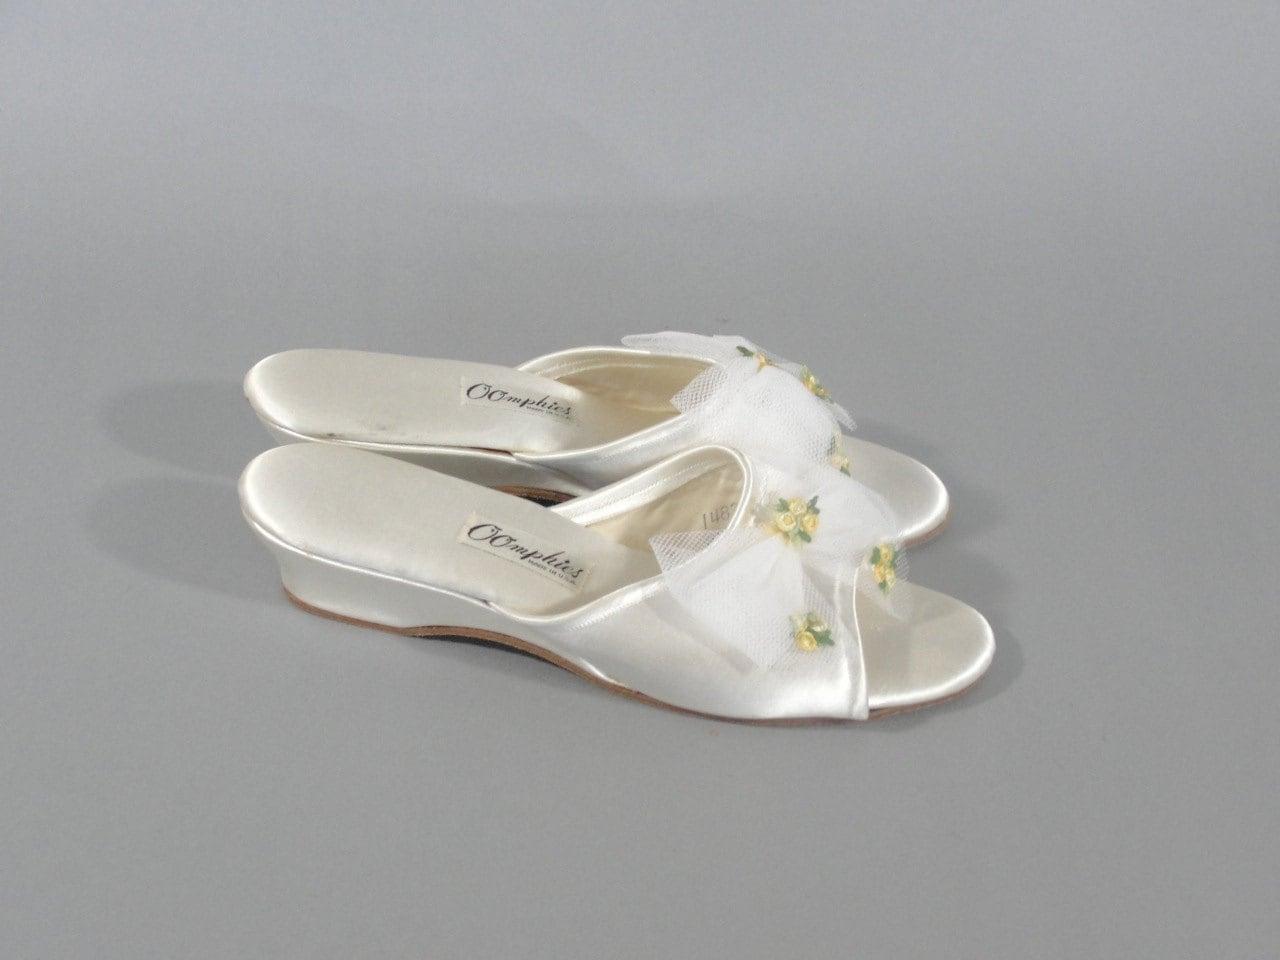 Vintage Oomphies Bedroom Slippers